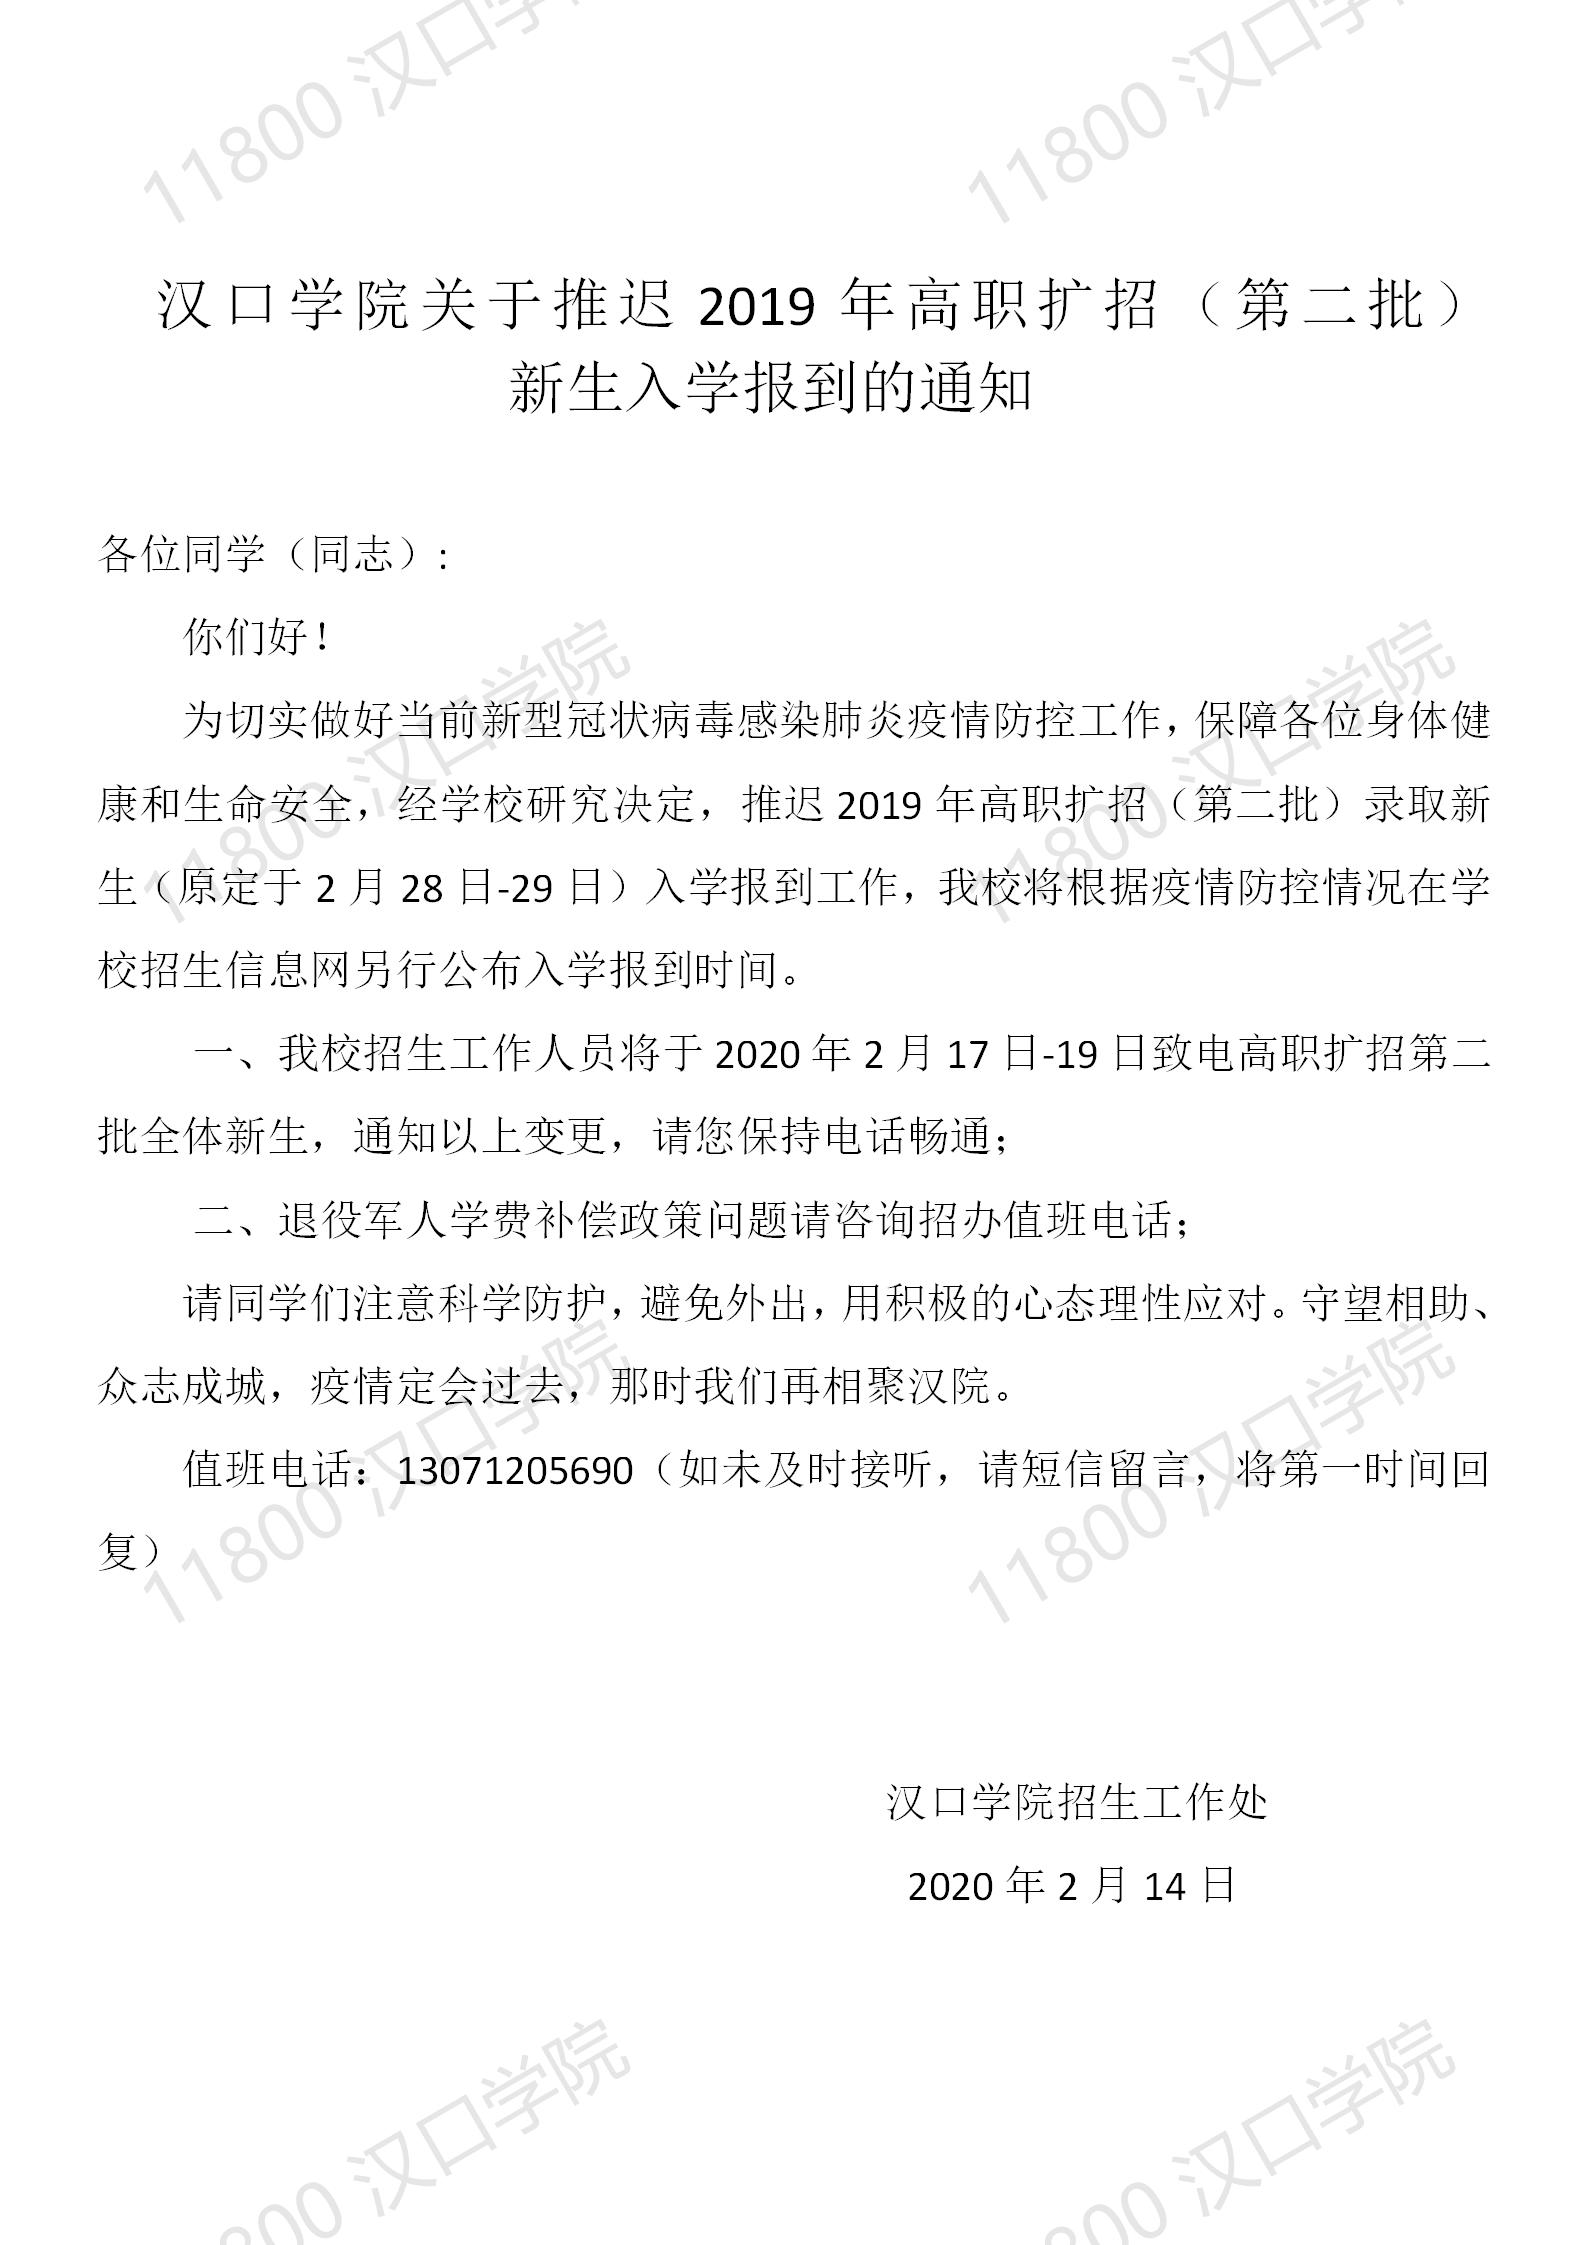 汉口学院关于推迟2019年高职扩招(第二批新生入学报到的通知_01.png